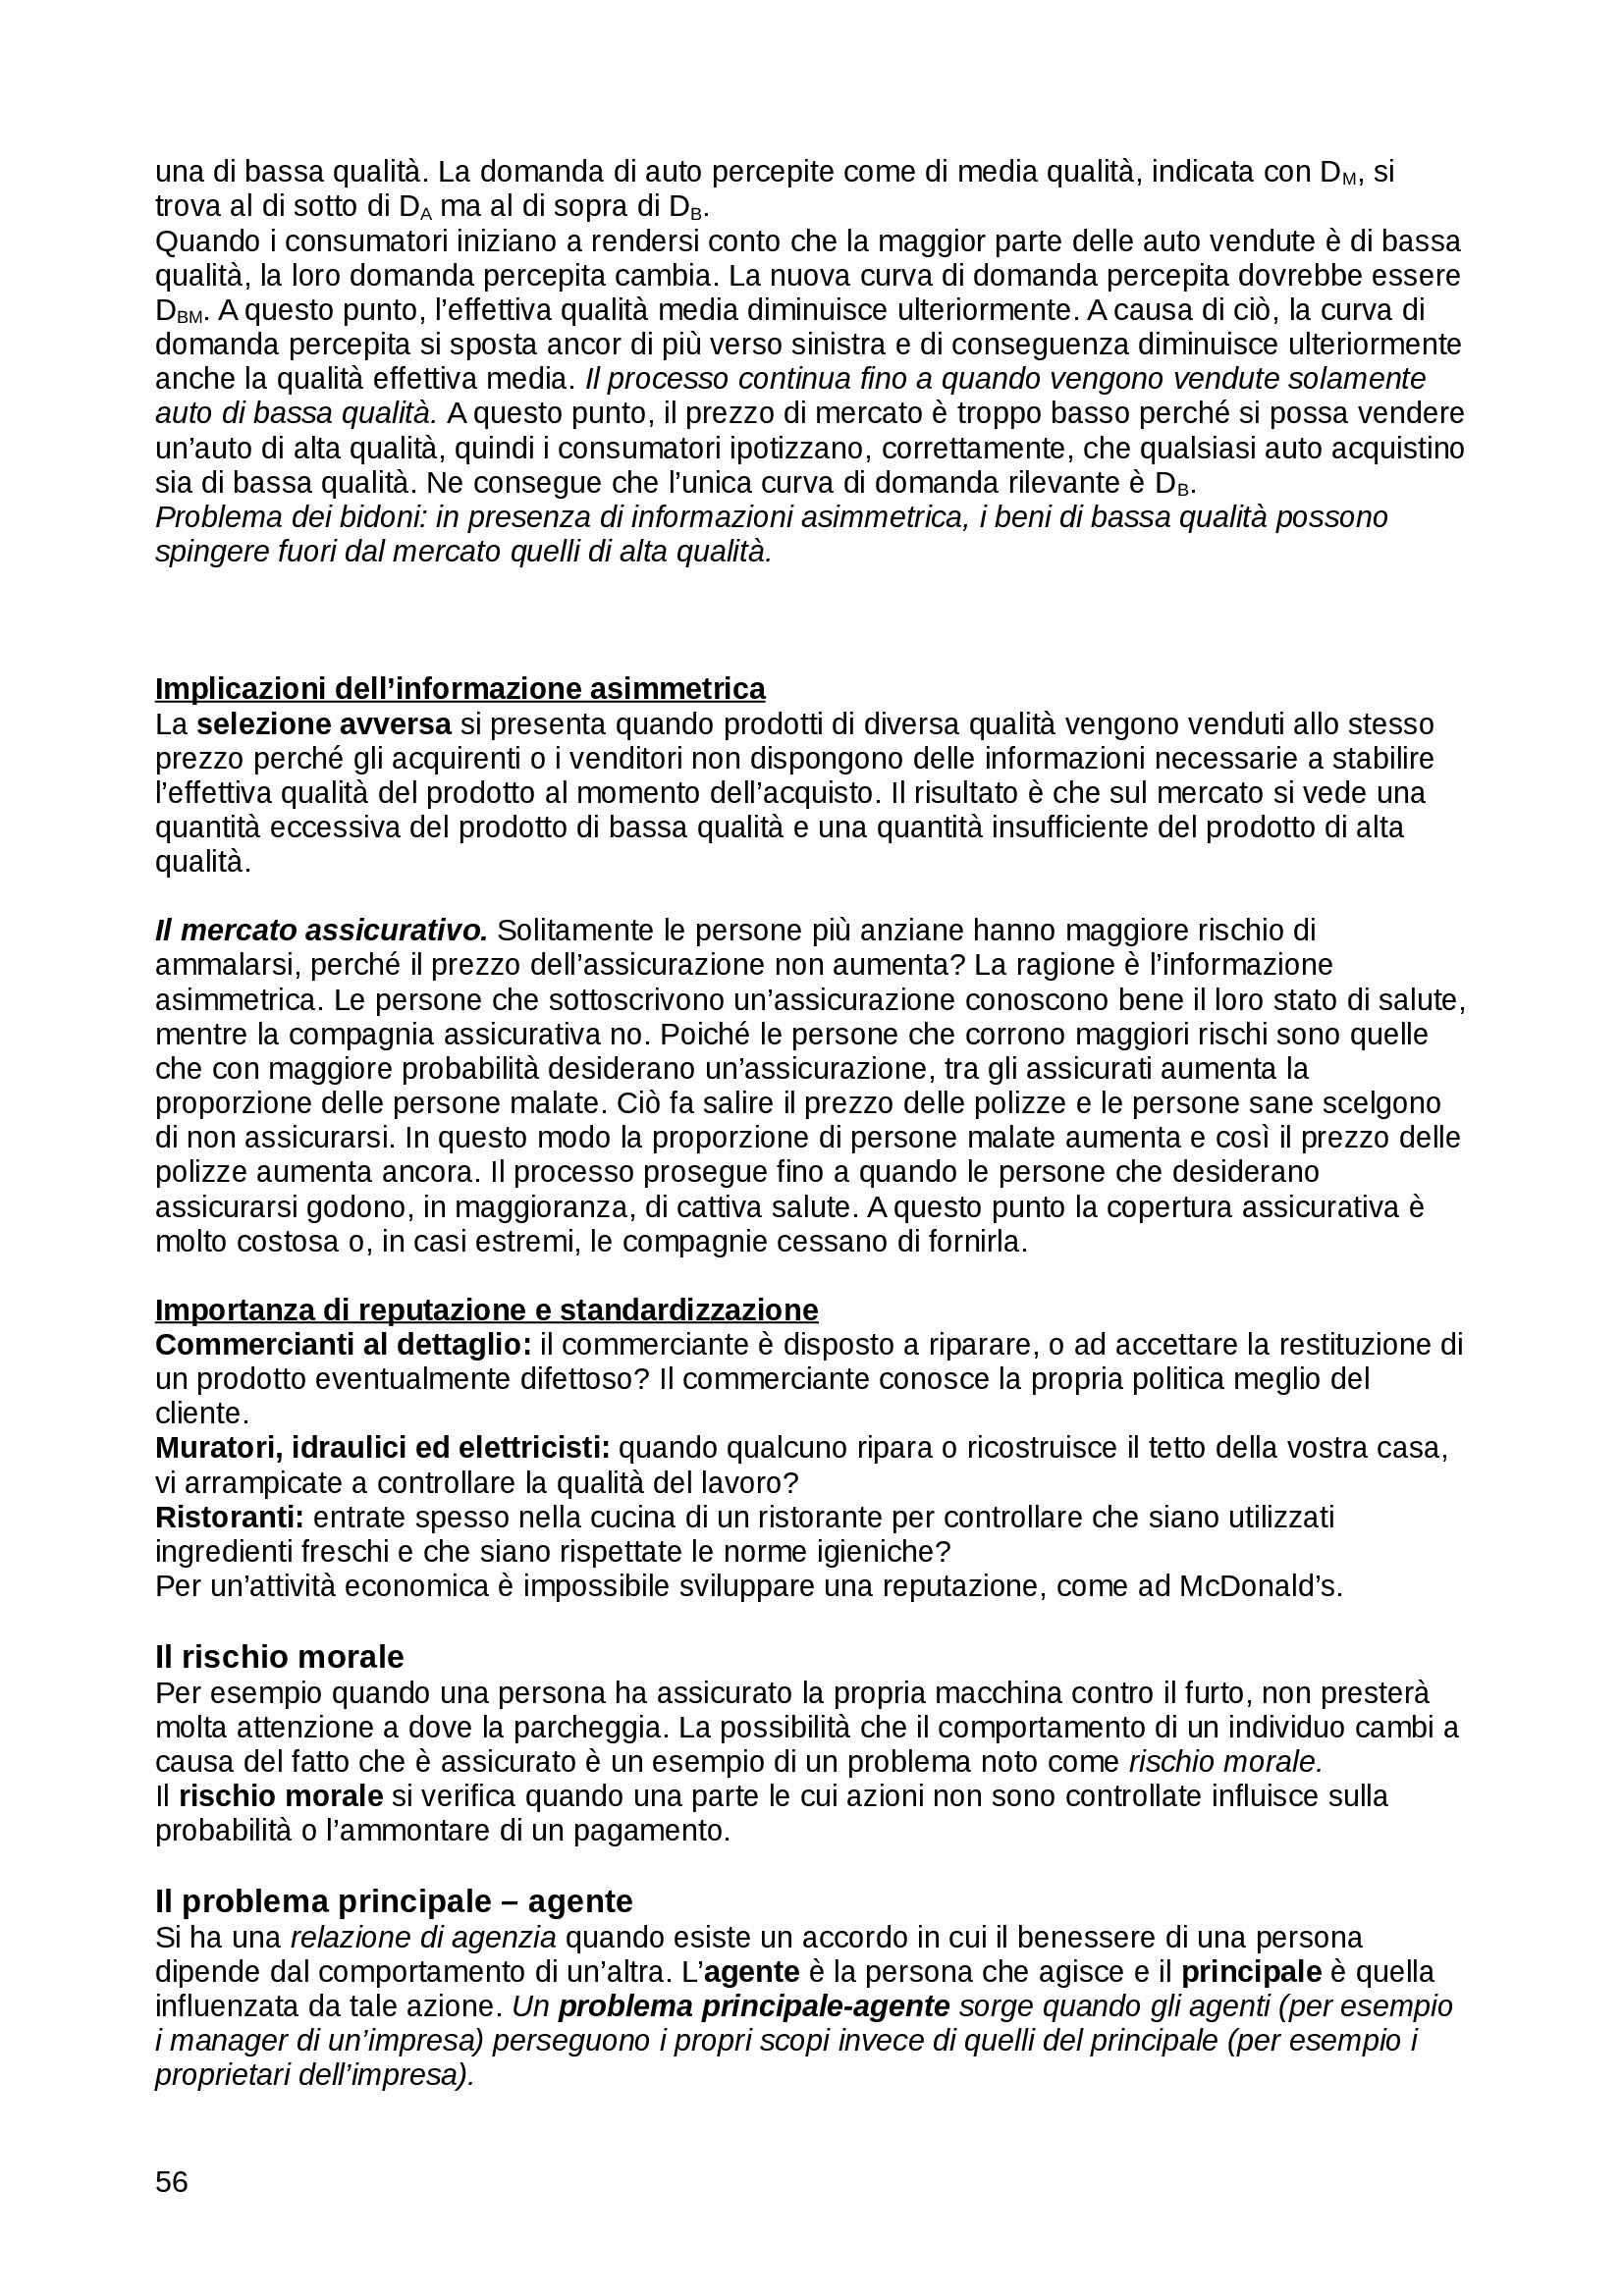 Riassunto esame Microeconomia Microeconomia, Pindyck, Rubinfeld - parte seconda, prof. Orsini Pag. 56